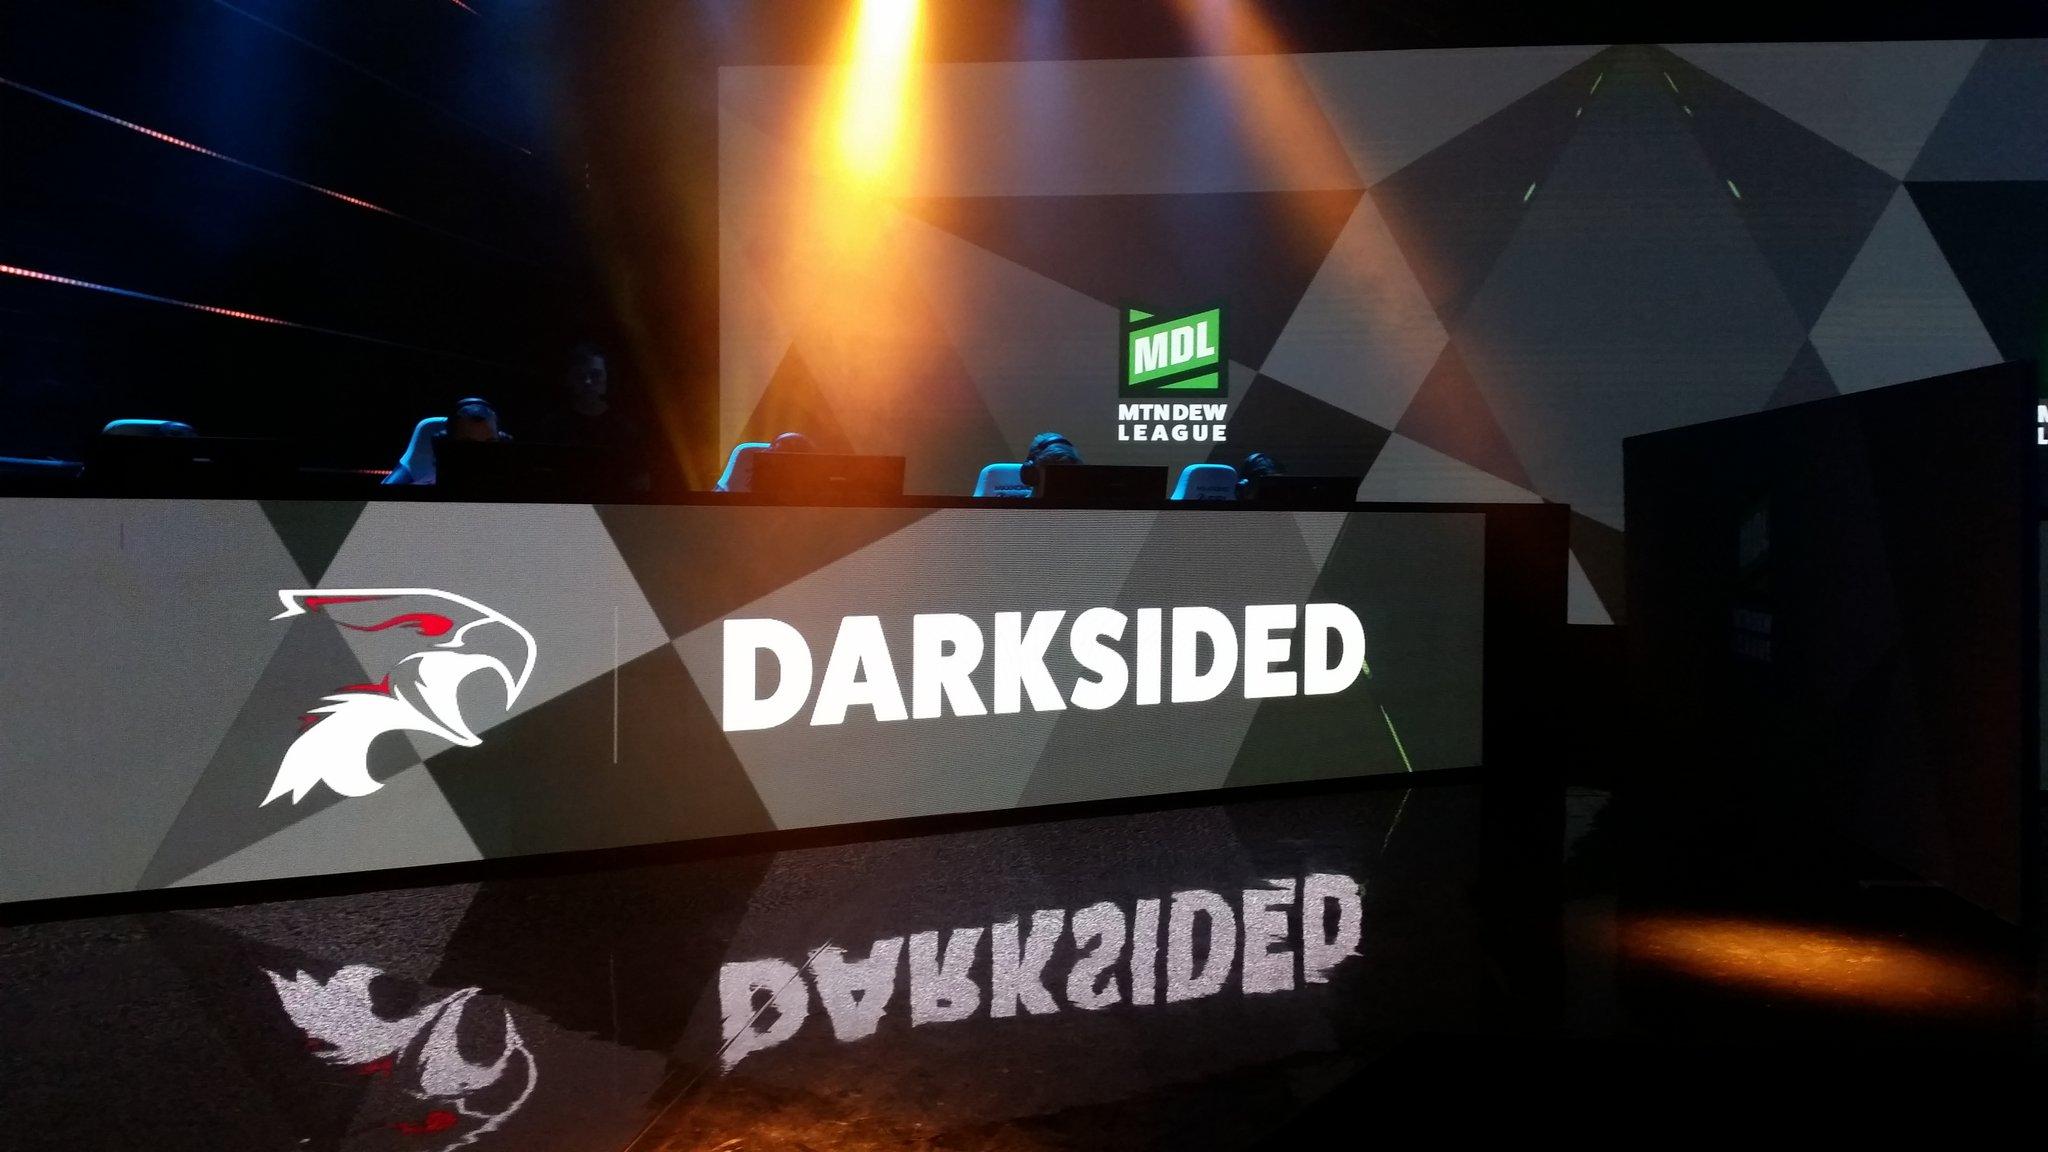 Team DarkSided